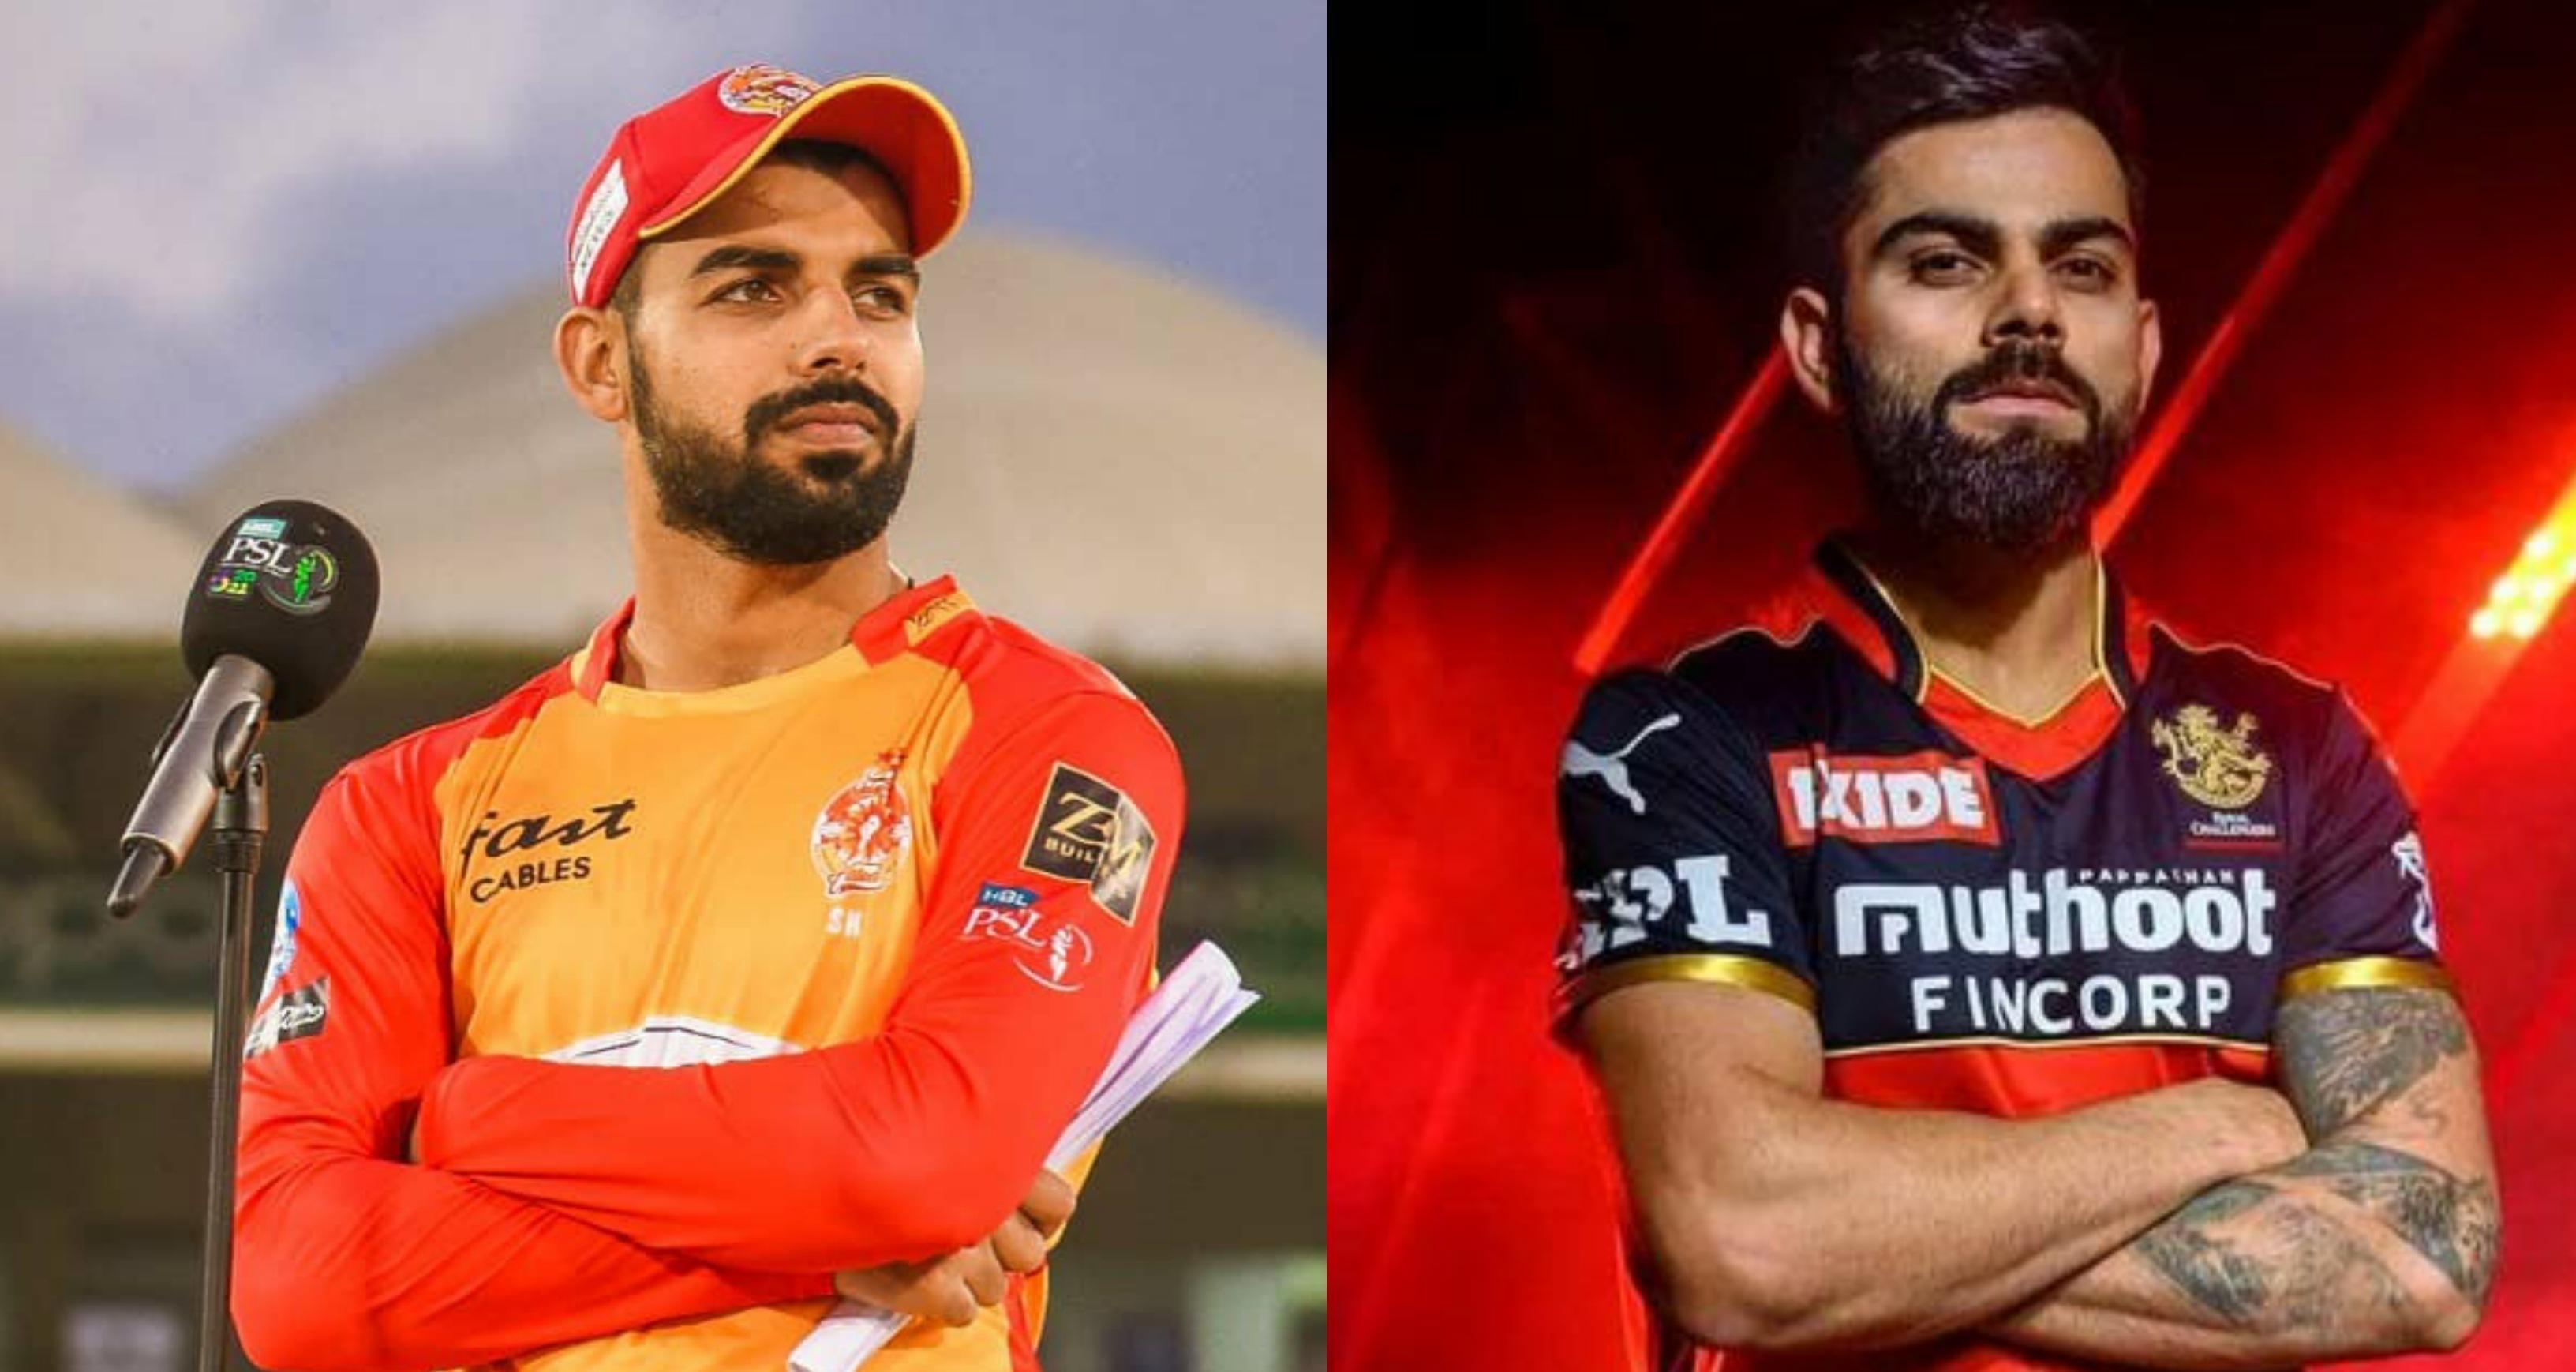 Shadab Khan and Virat Kohli